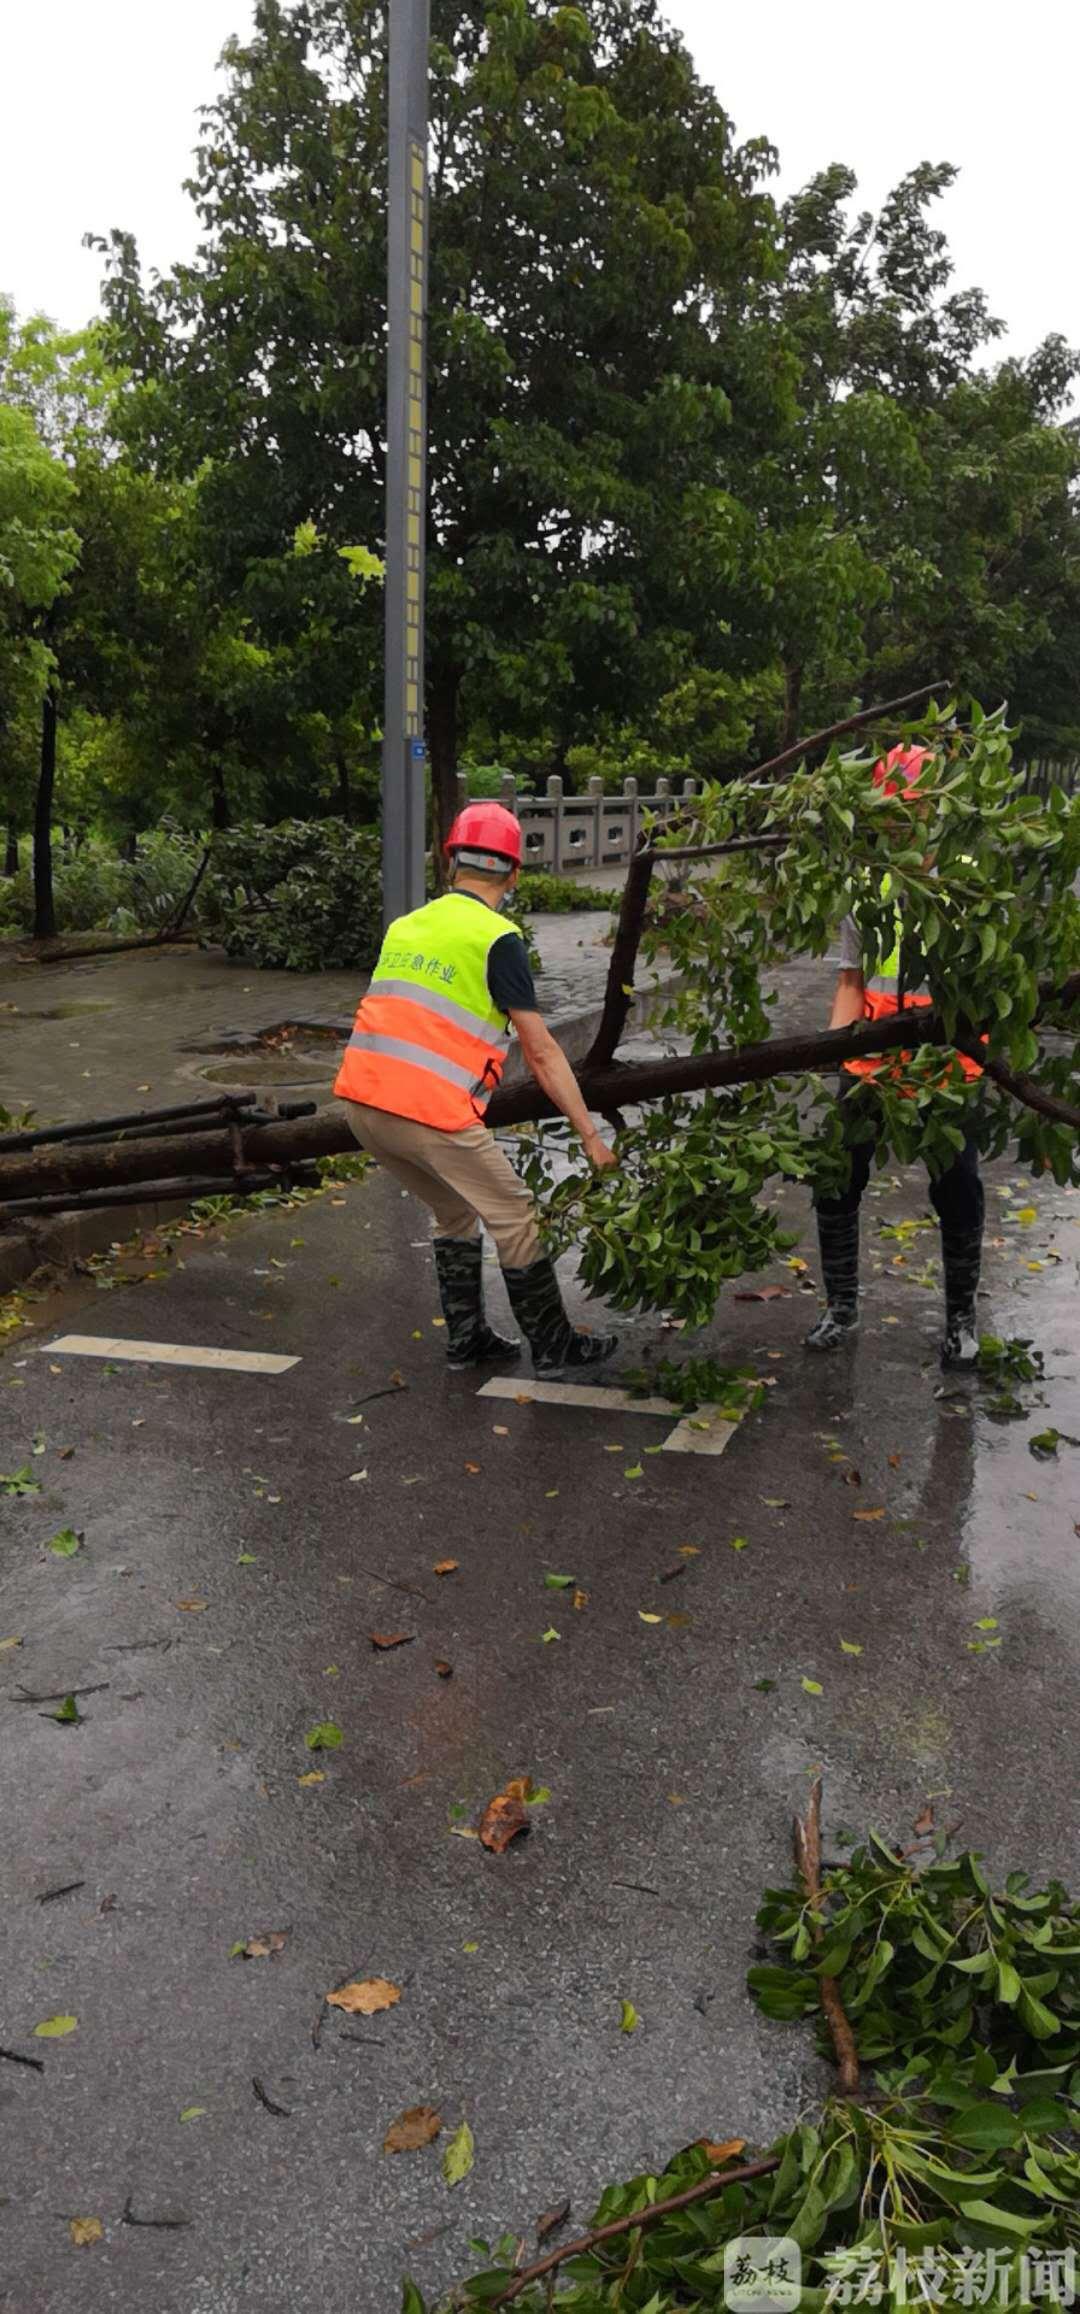 26车断树枝、43处下水道、35处积水点!风雨中,他们在奔跑